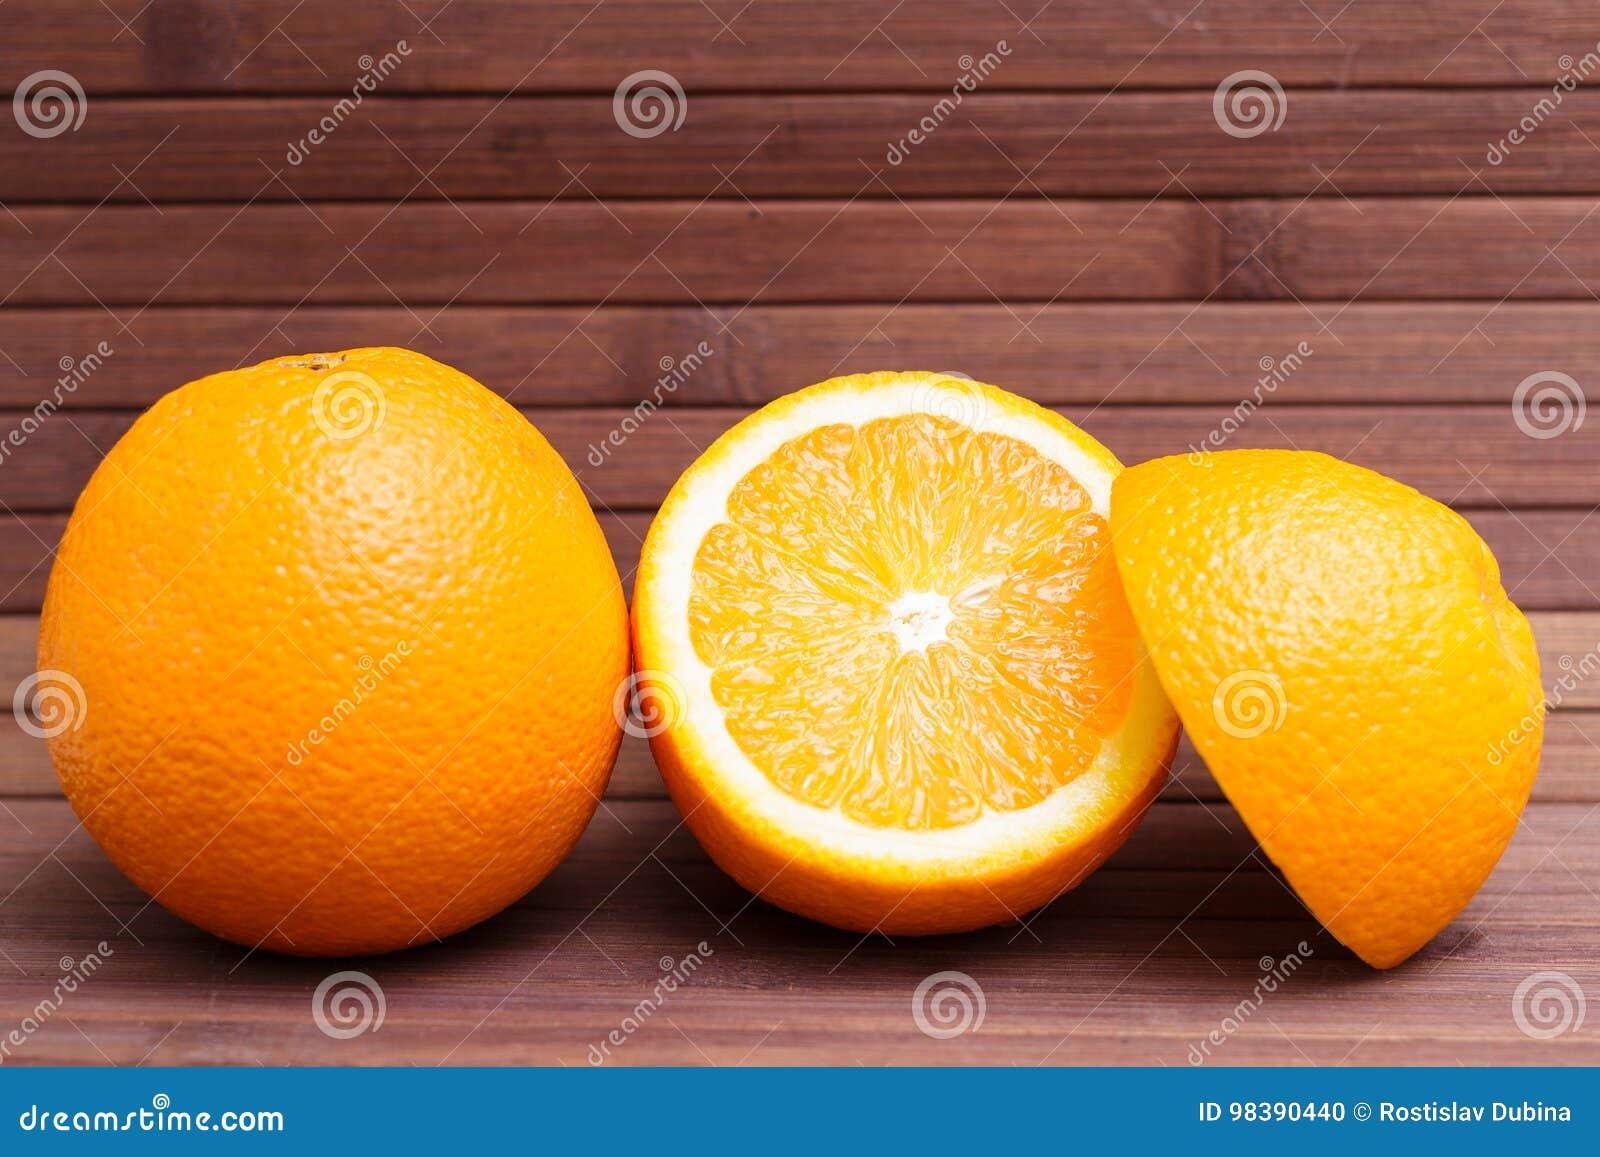 Arreglo de la naranja aislado en fondo de madera Alimento sano Una mezcla de fruta fresca Grupo de agrios Vegetariano, crudo